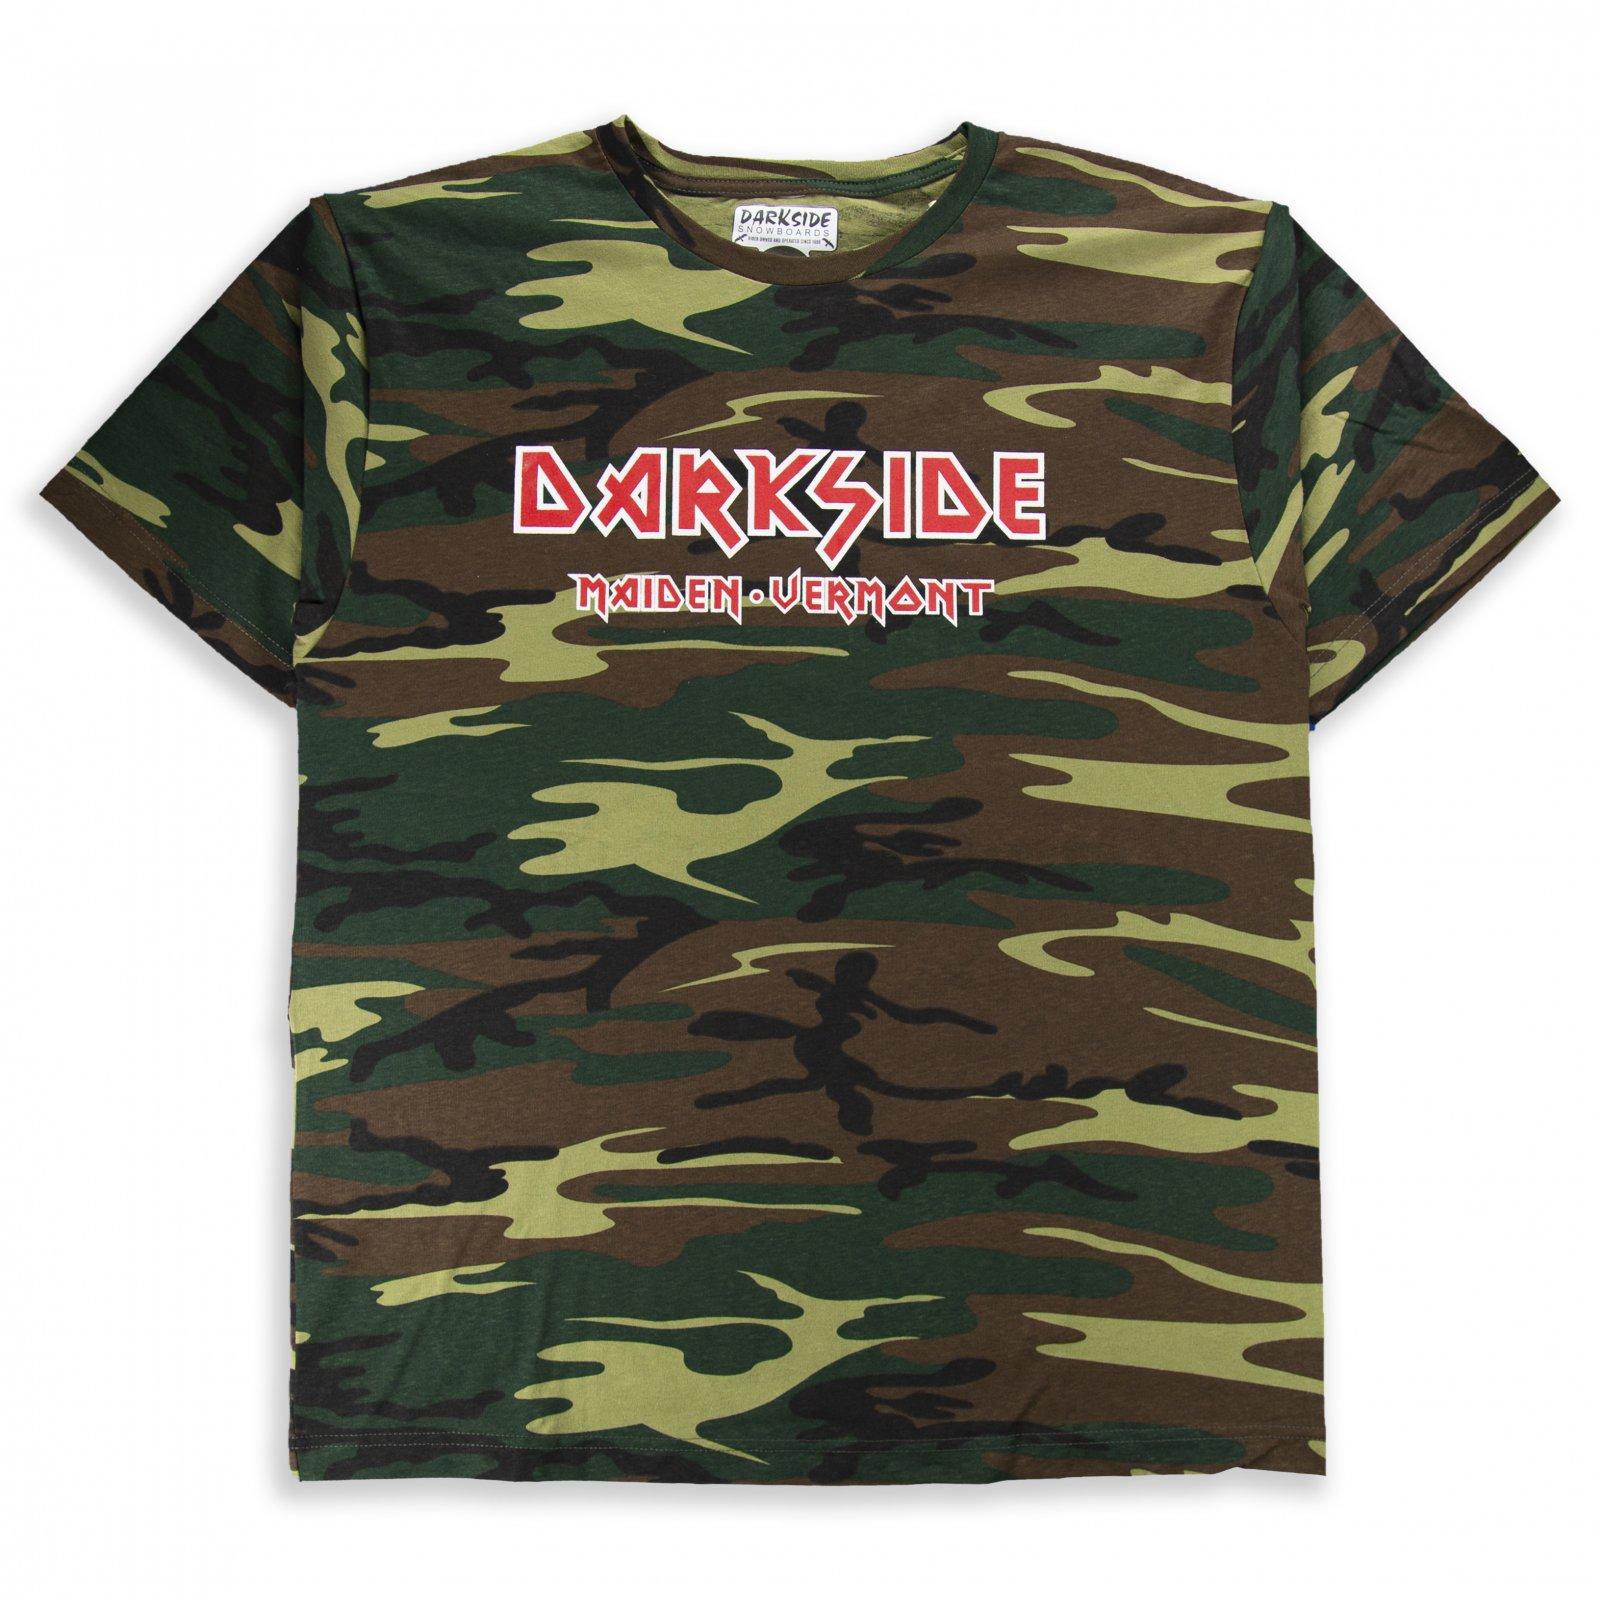 Darkside Maiden Vermont Short Sleeve Shirt Army Camo